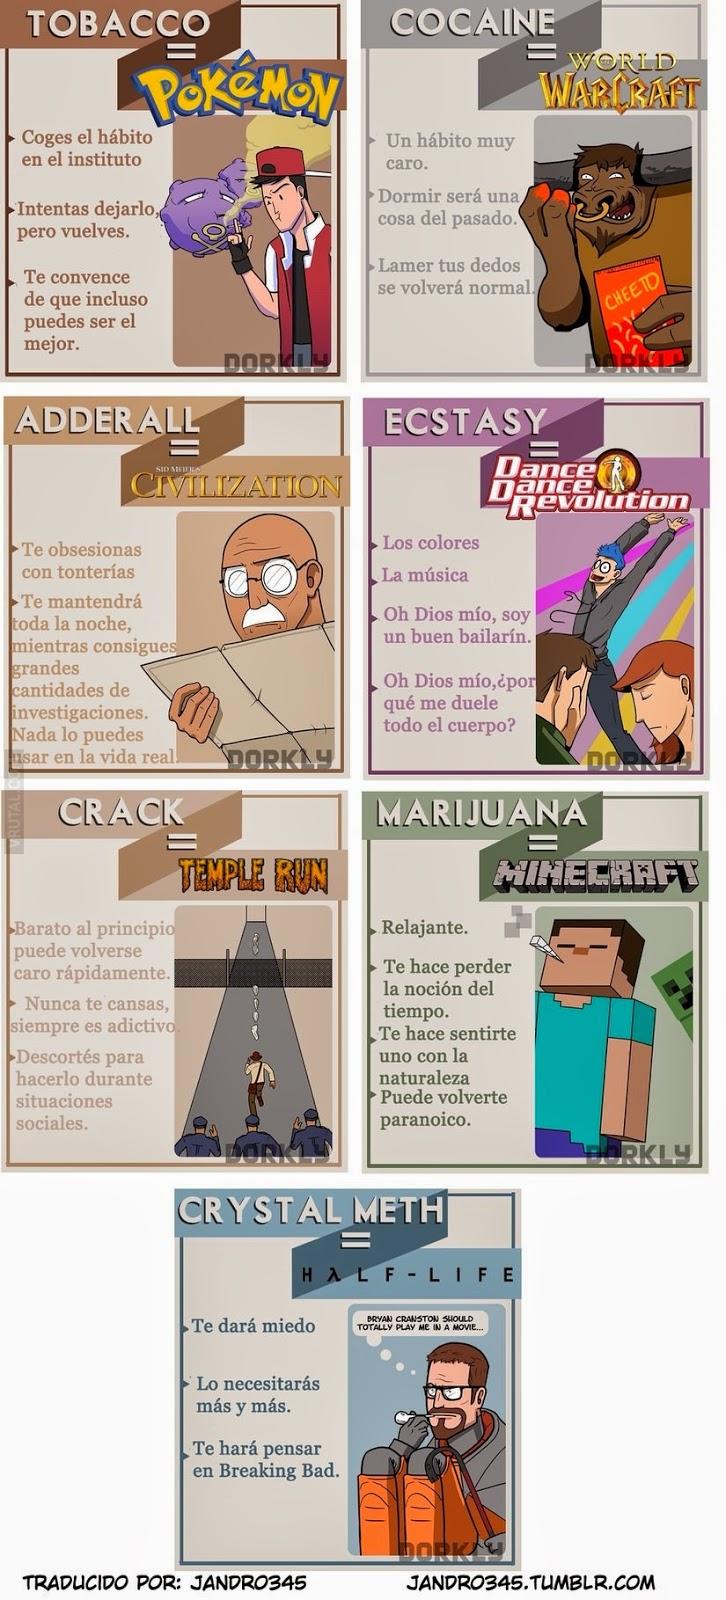 Videojuegos como tipos de droga